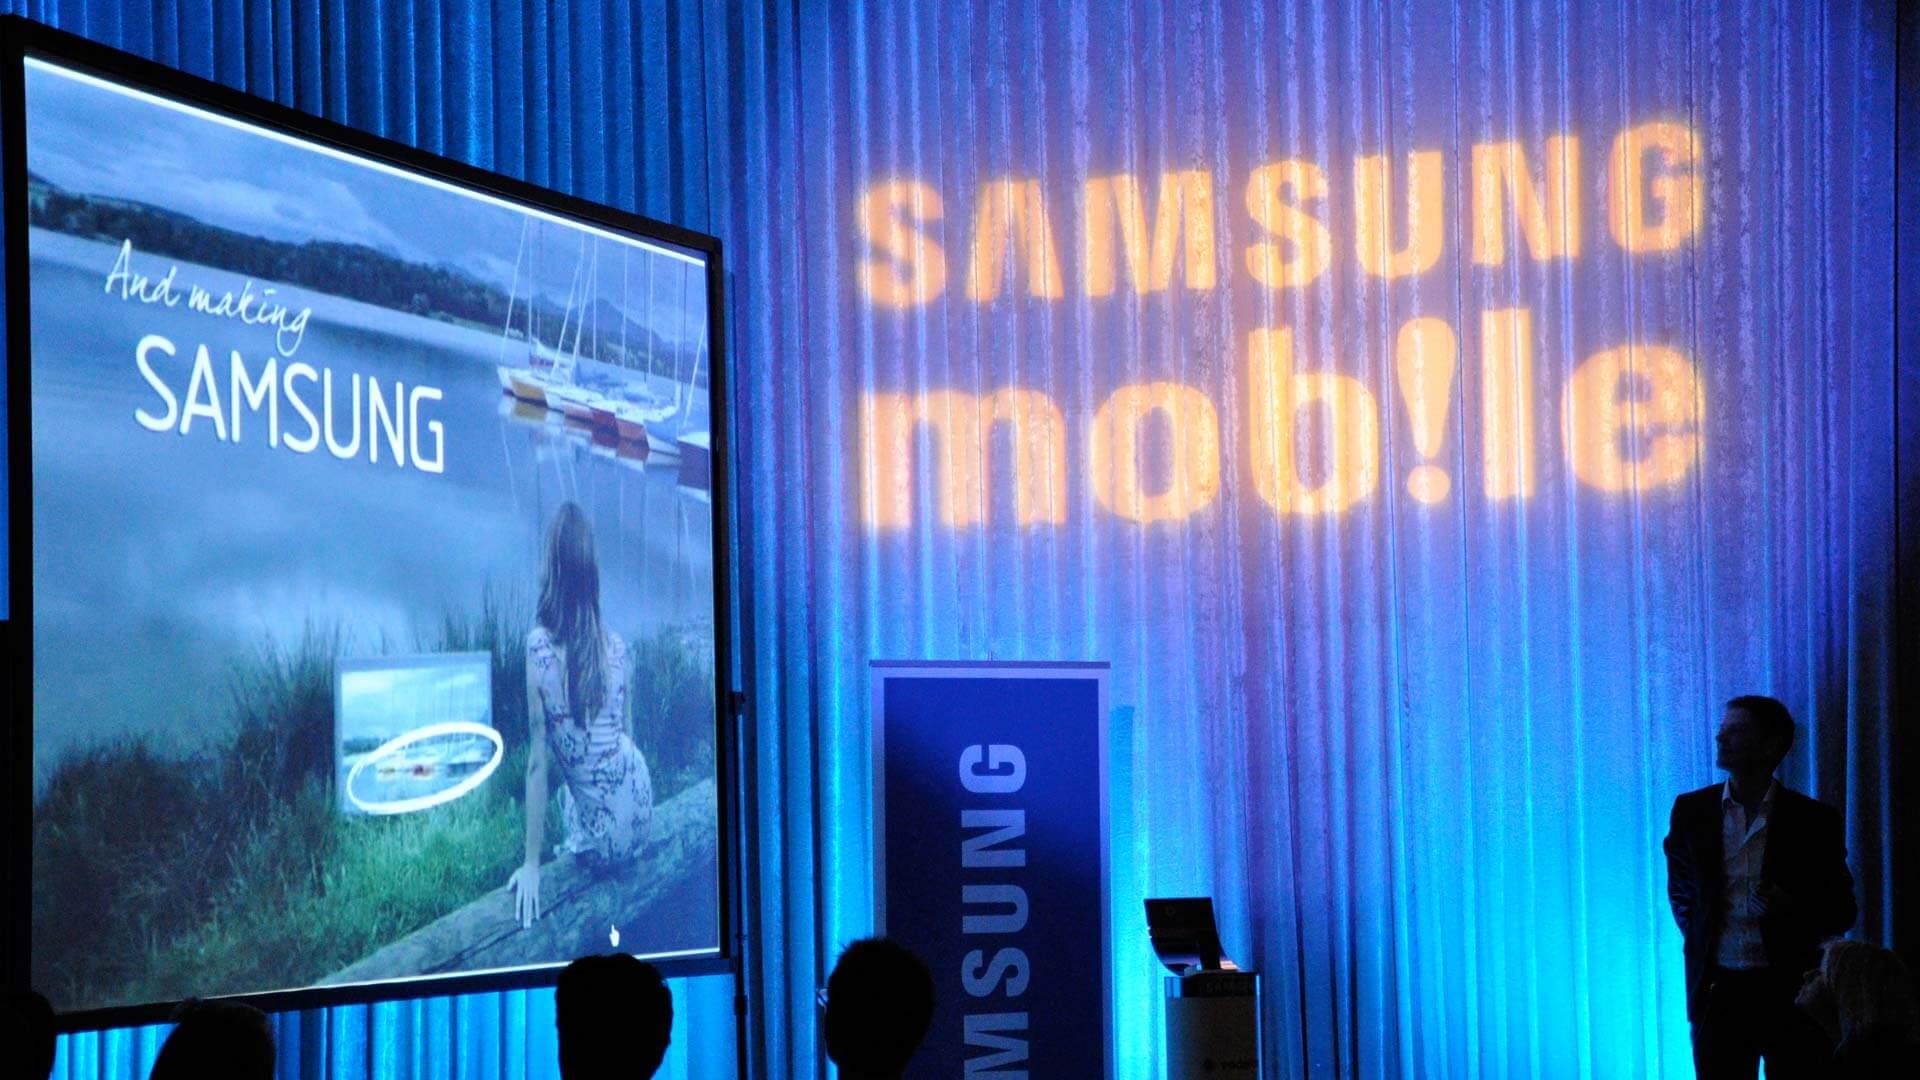 Samsung Galaxy S10+?